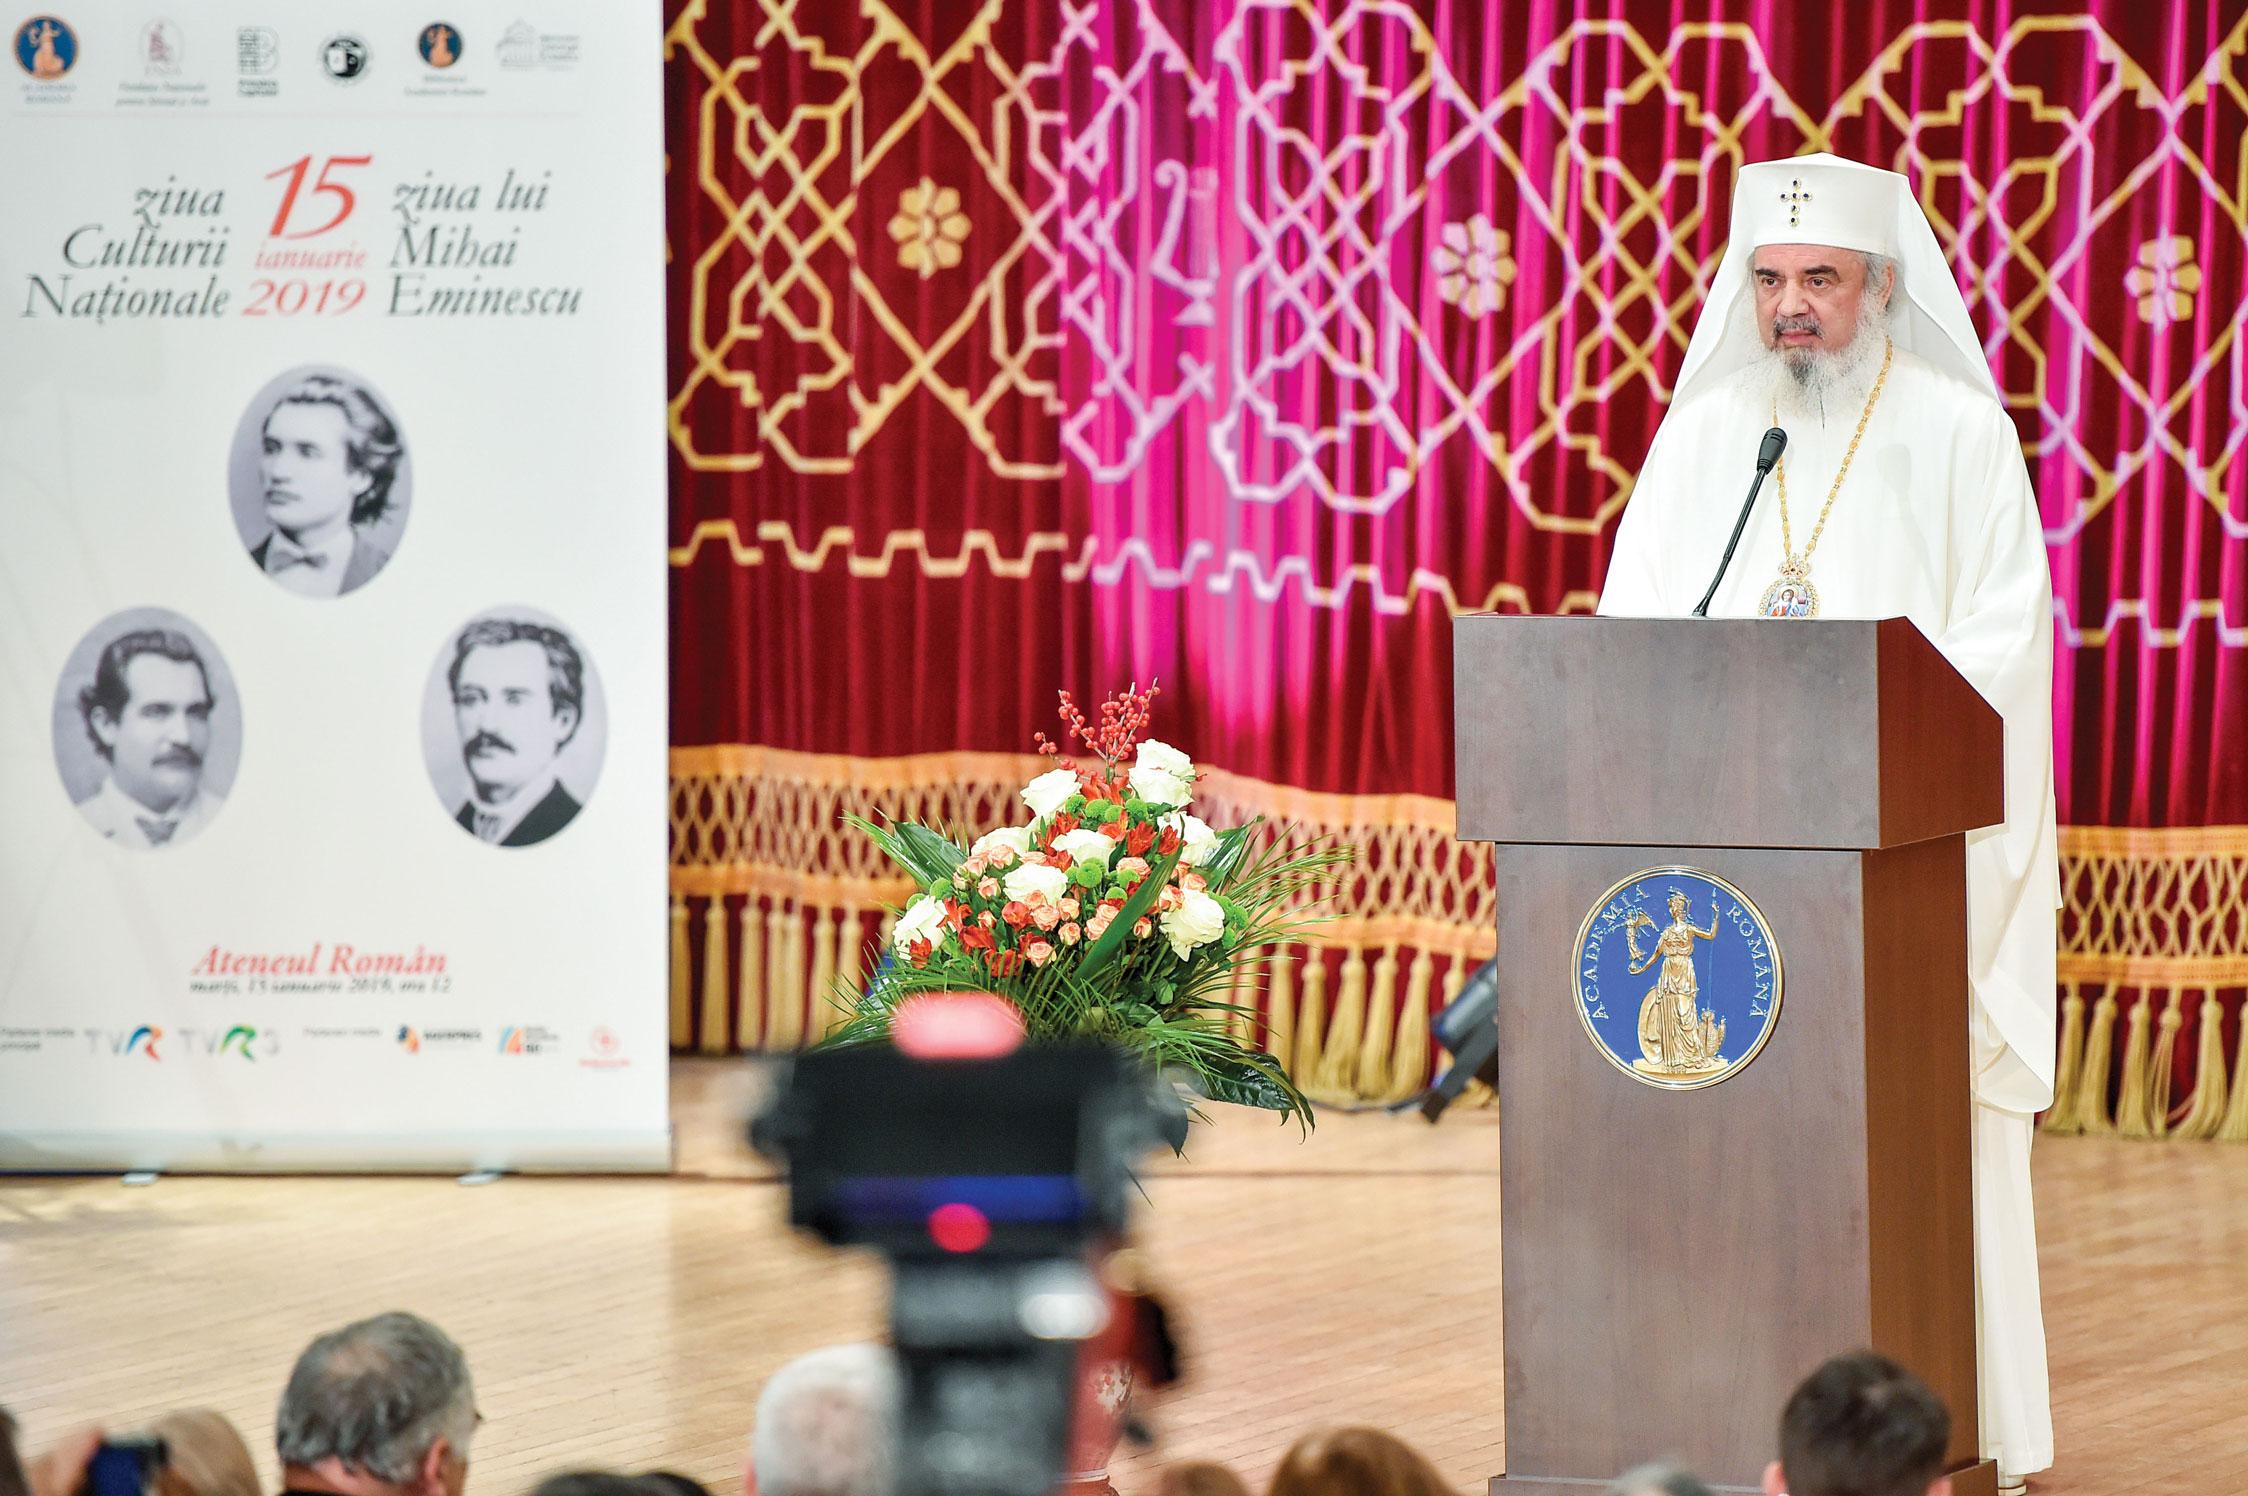 Biserica a plămădit şi promovat cultura poporului român